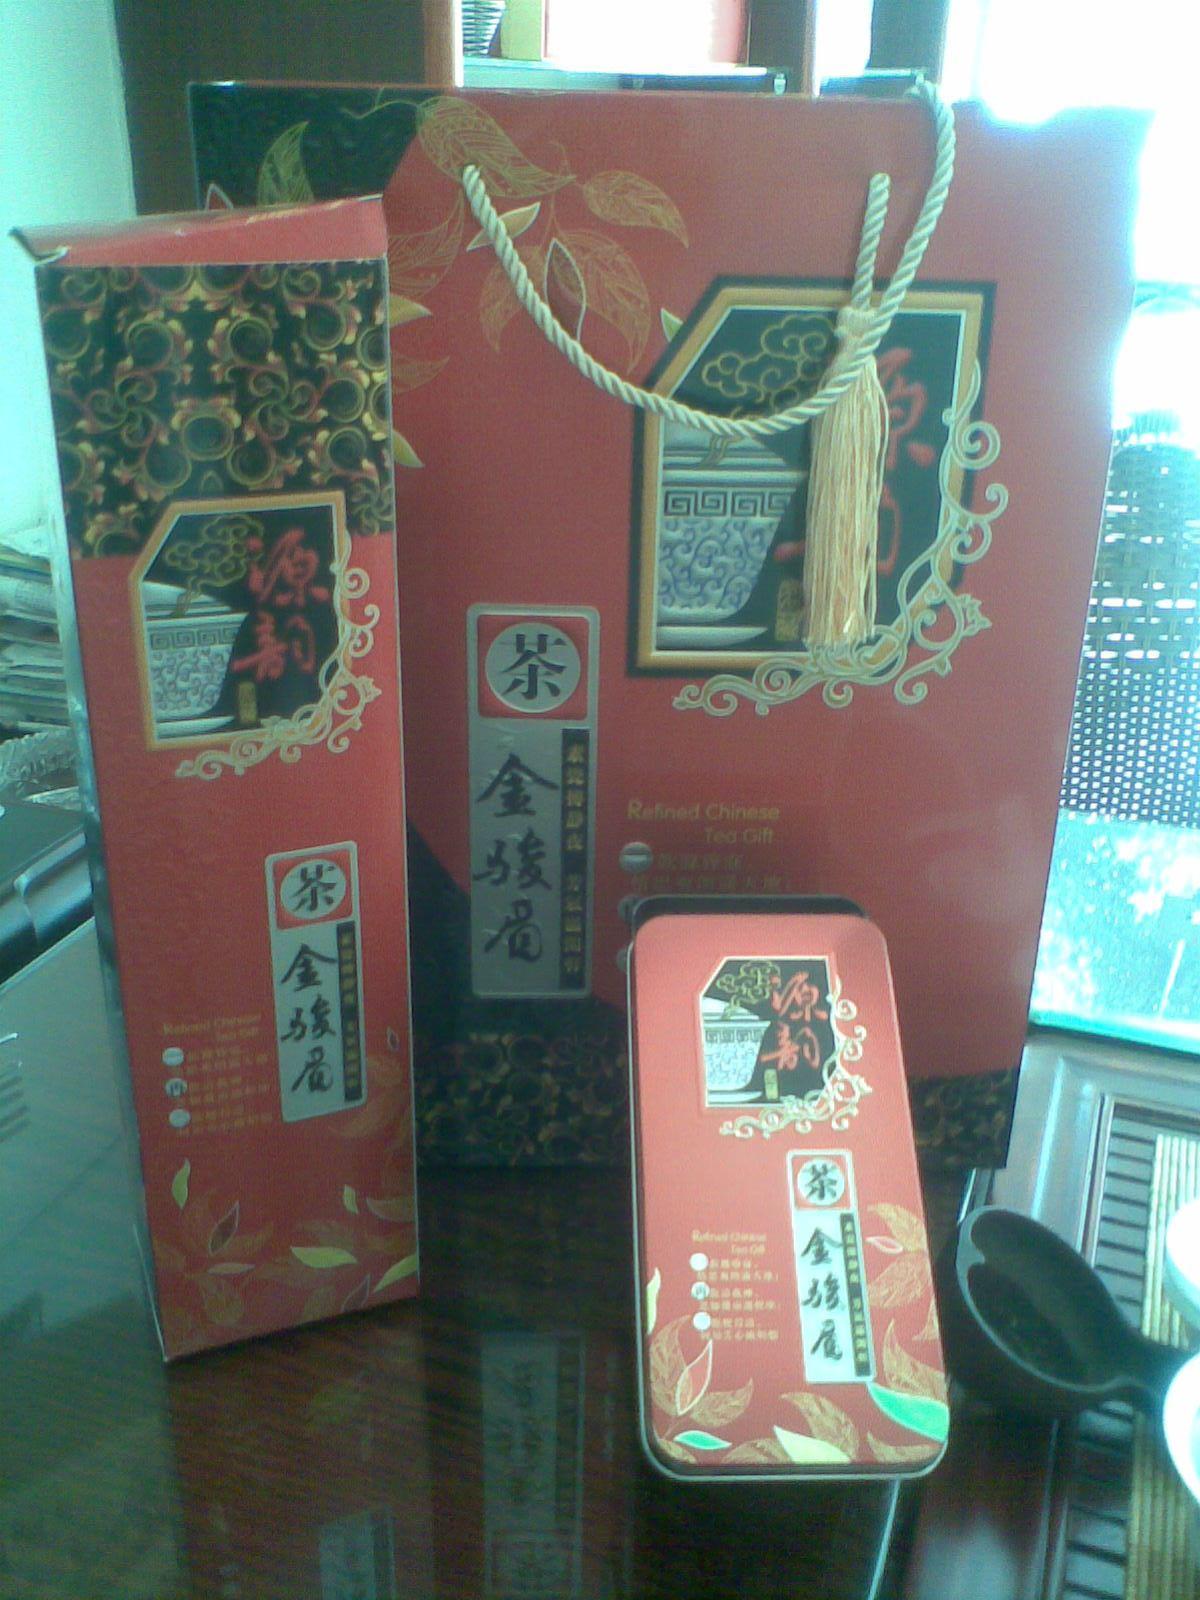 礼盒装金骏媚、茶广缘茶叶、批发金骏眉顶级茶叶500g!送礼佳品